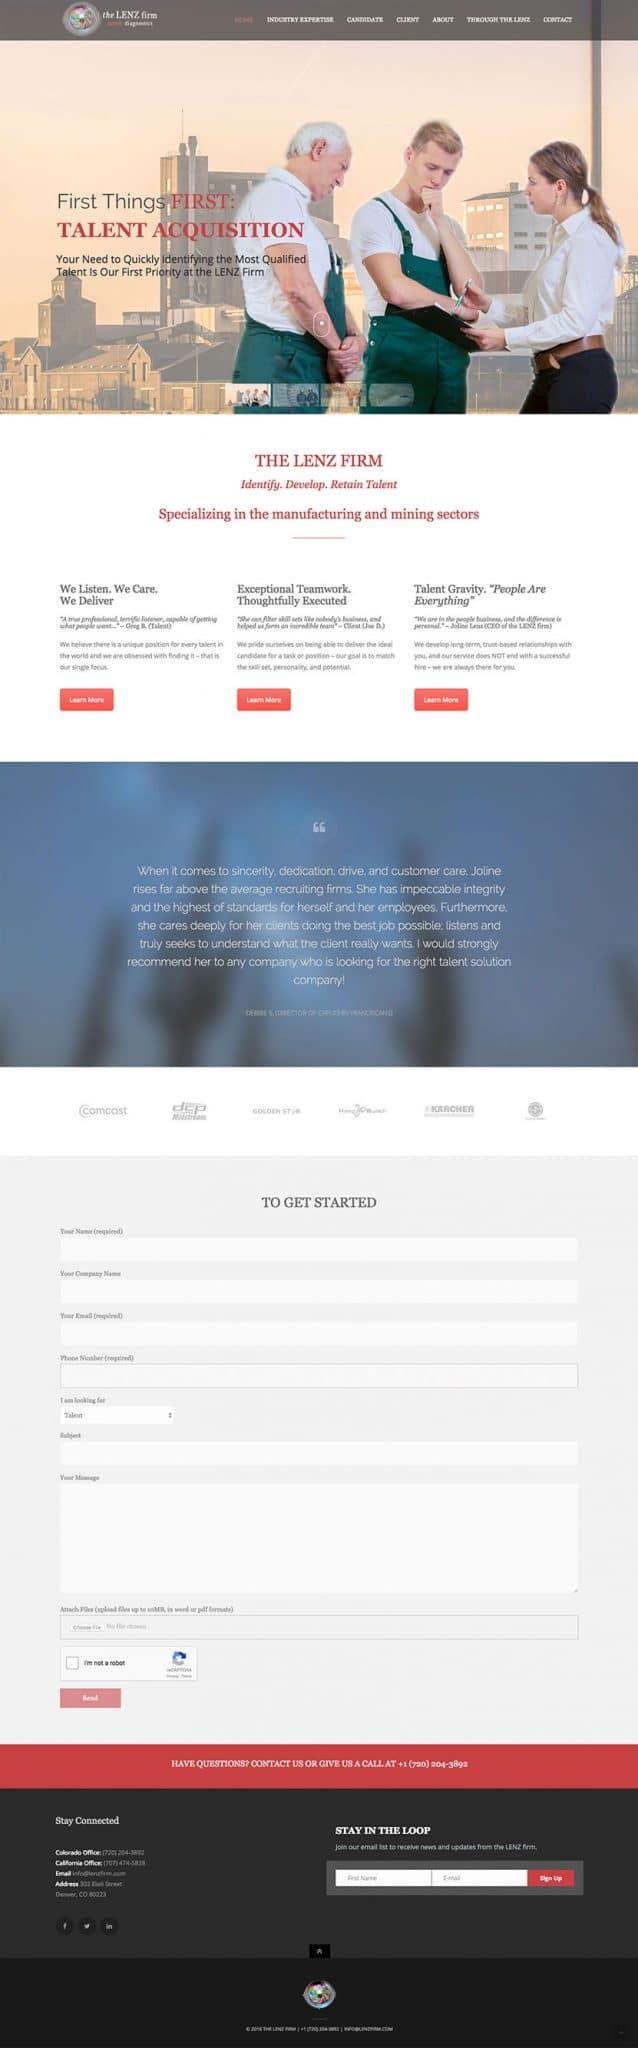 LENZ firm website